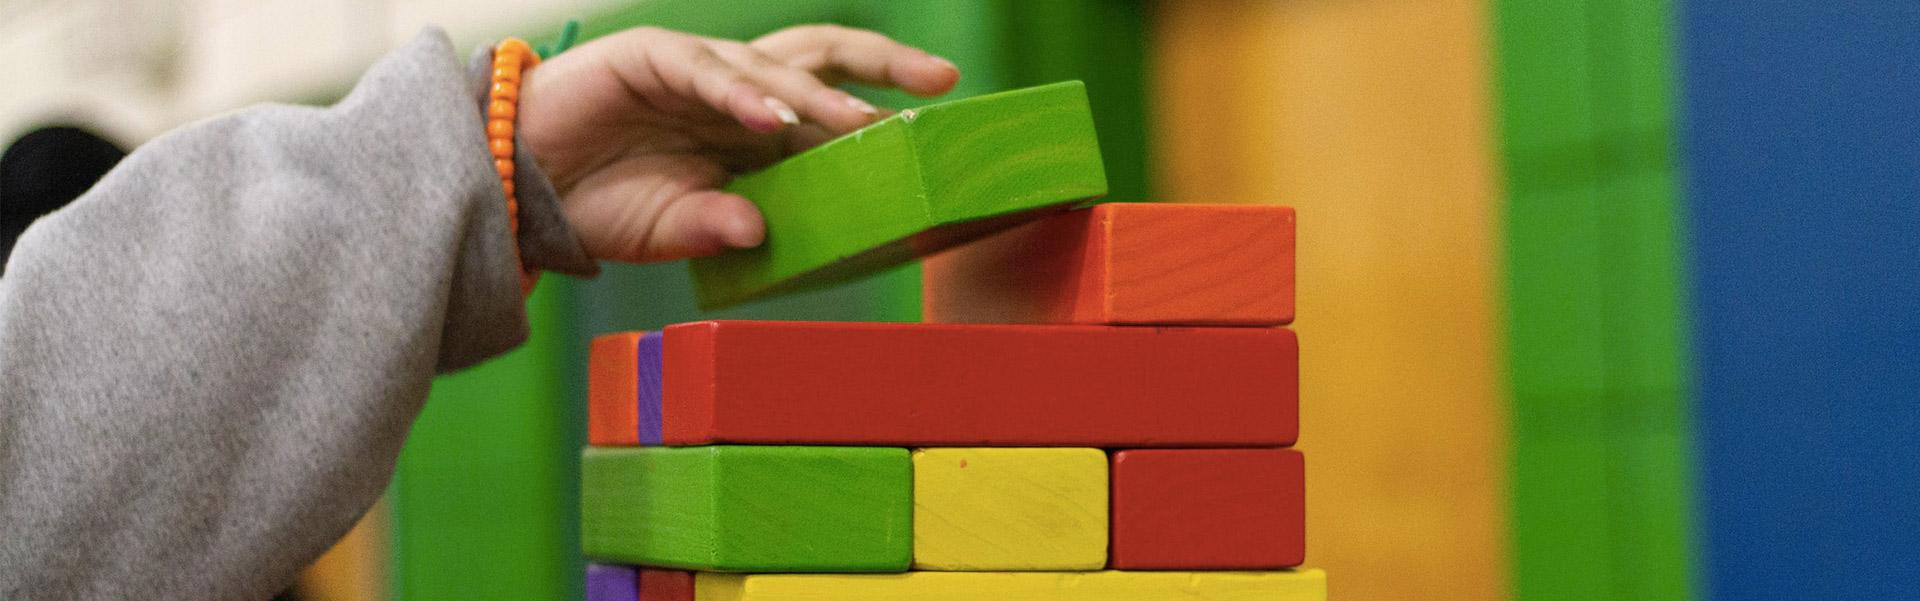 Activité en crèche à l'intérieur : puzzle